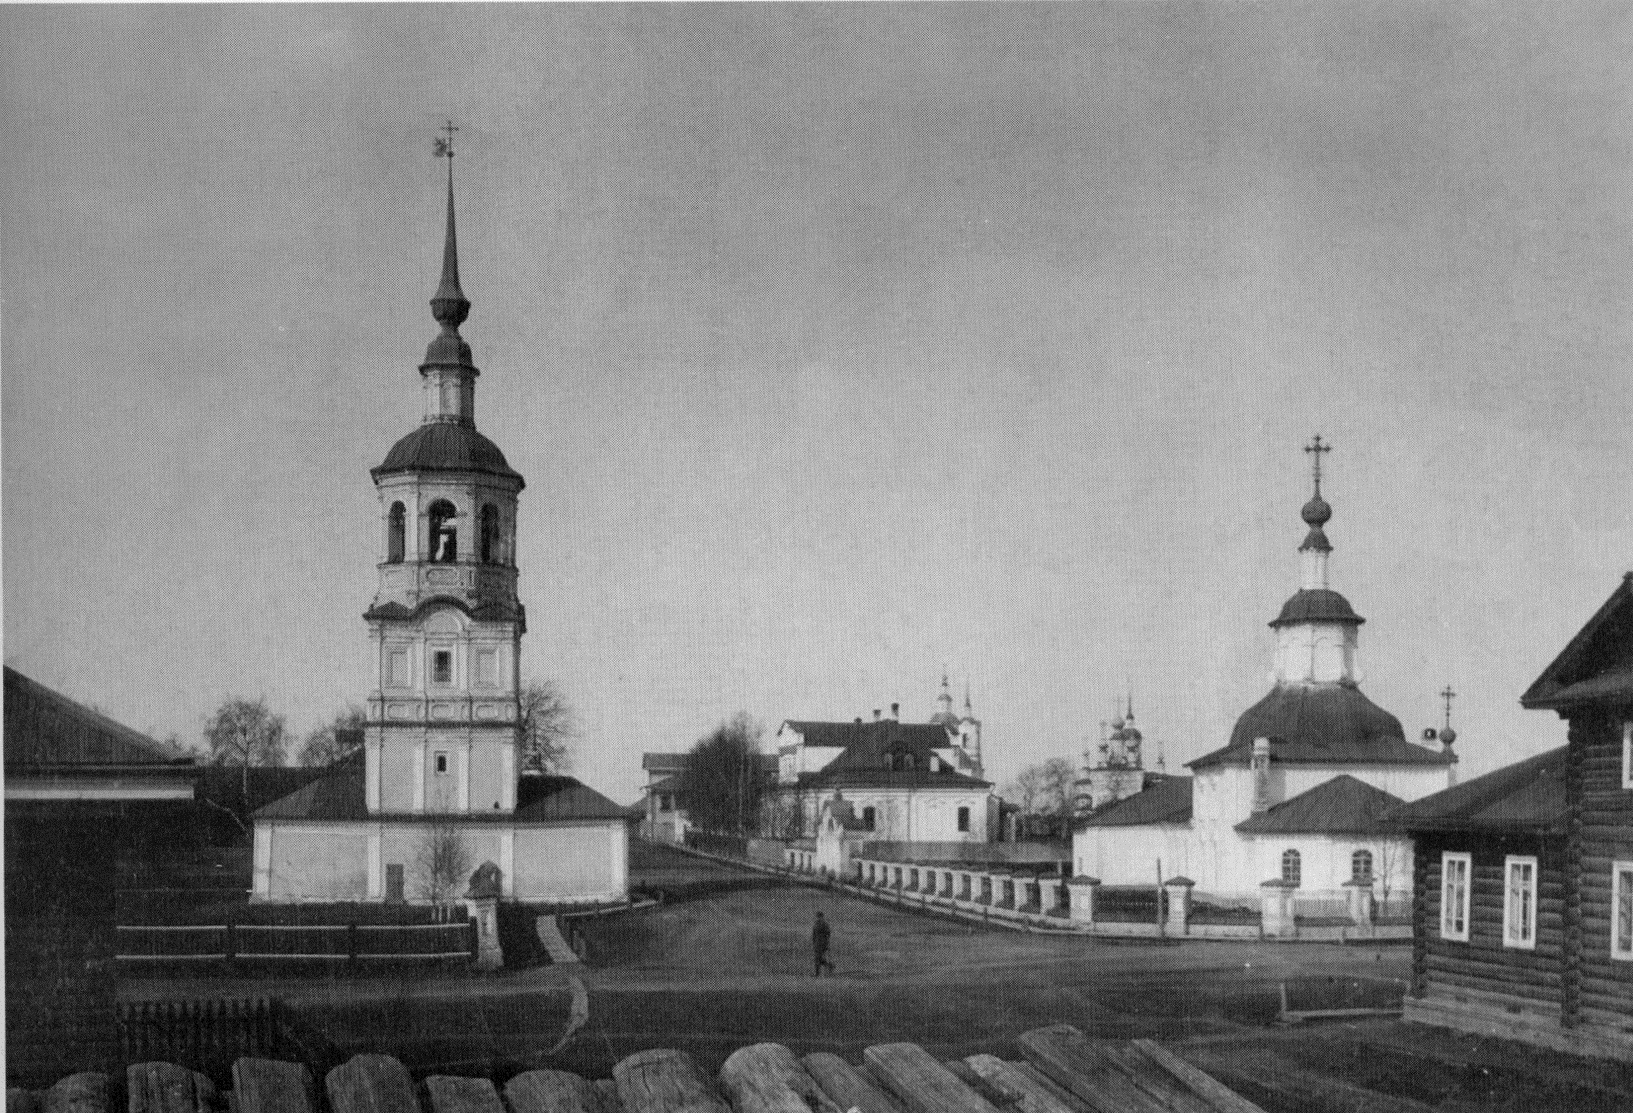 Теплая Георгиевская церковь и колокольня